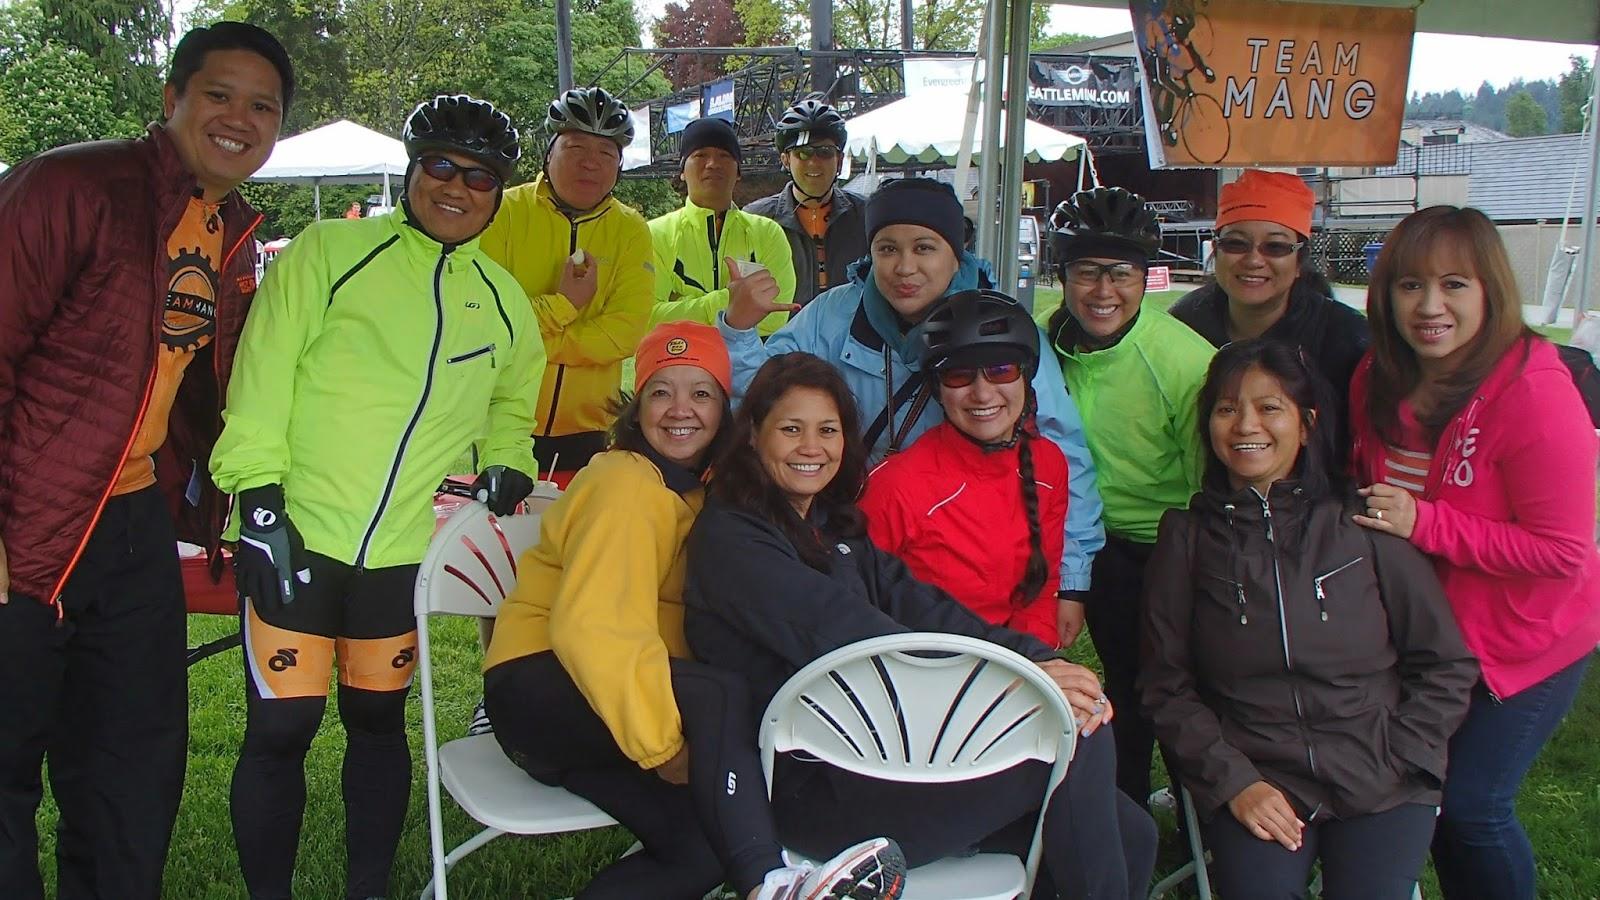 Team Mang at the TdC